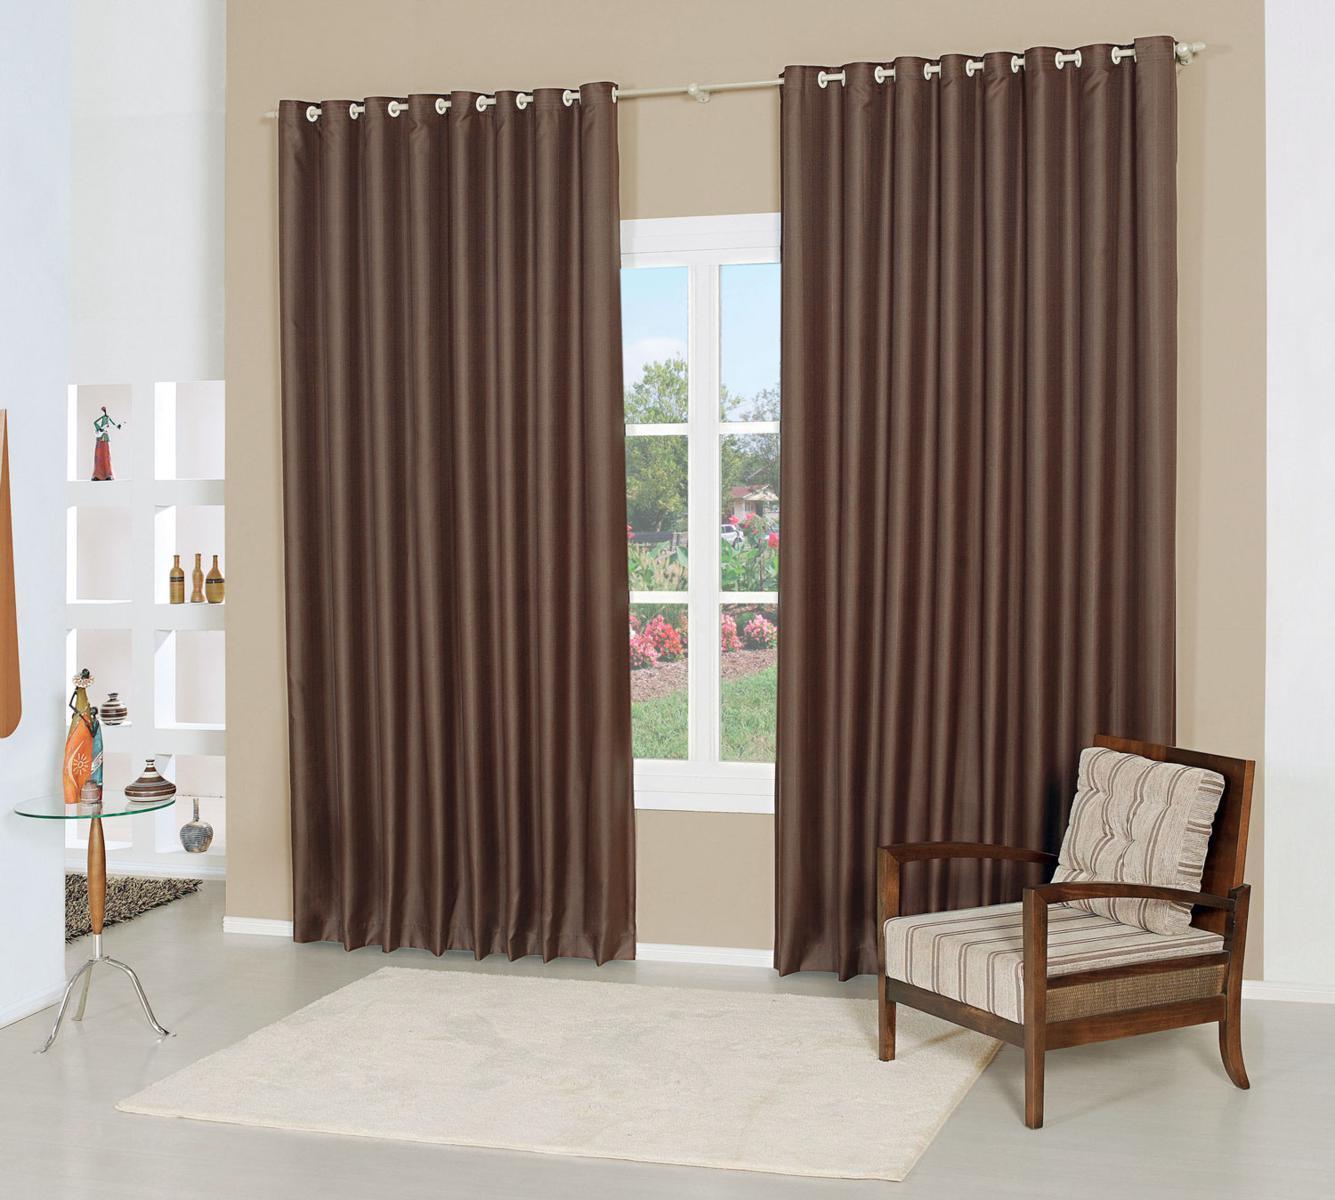 Escolhendo as cortinas para a casa cortinas de tecido for Cortinas para cortinas